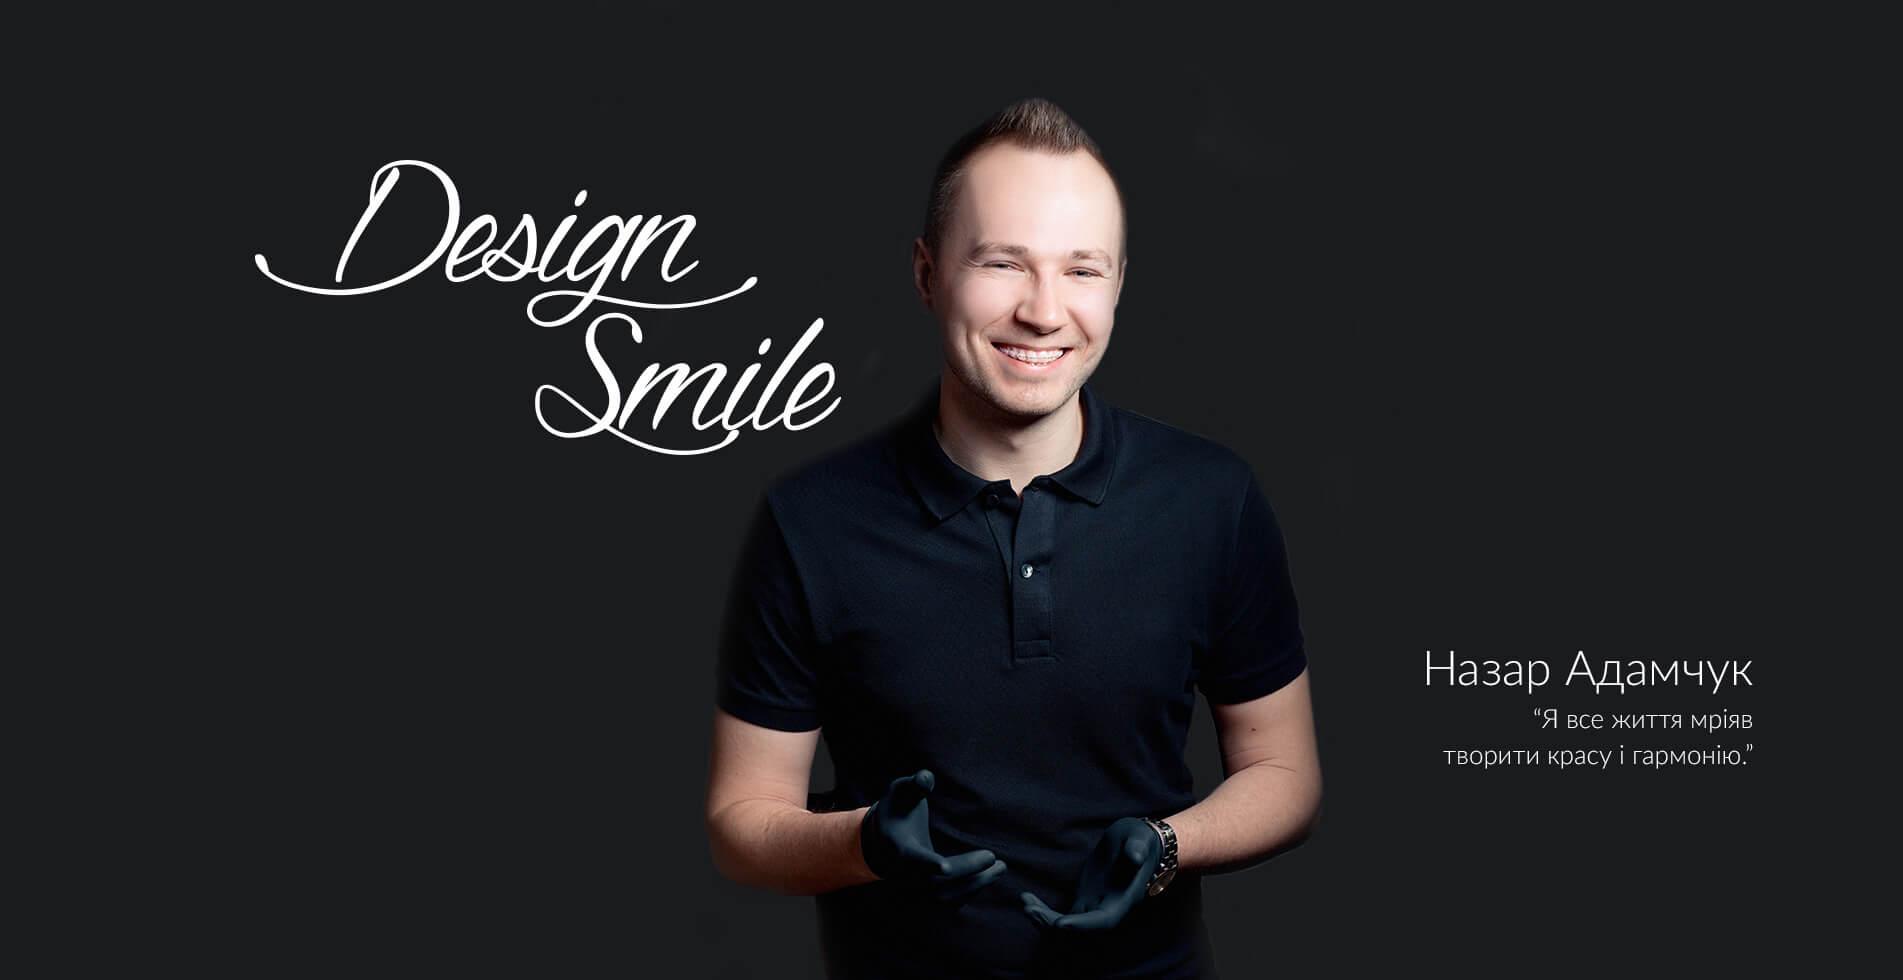 дизайн посмішки